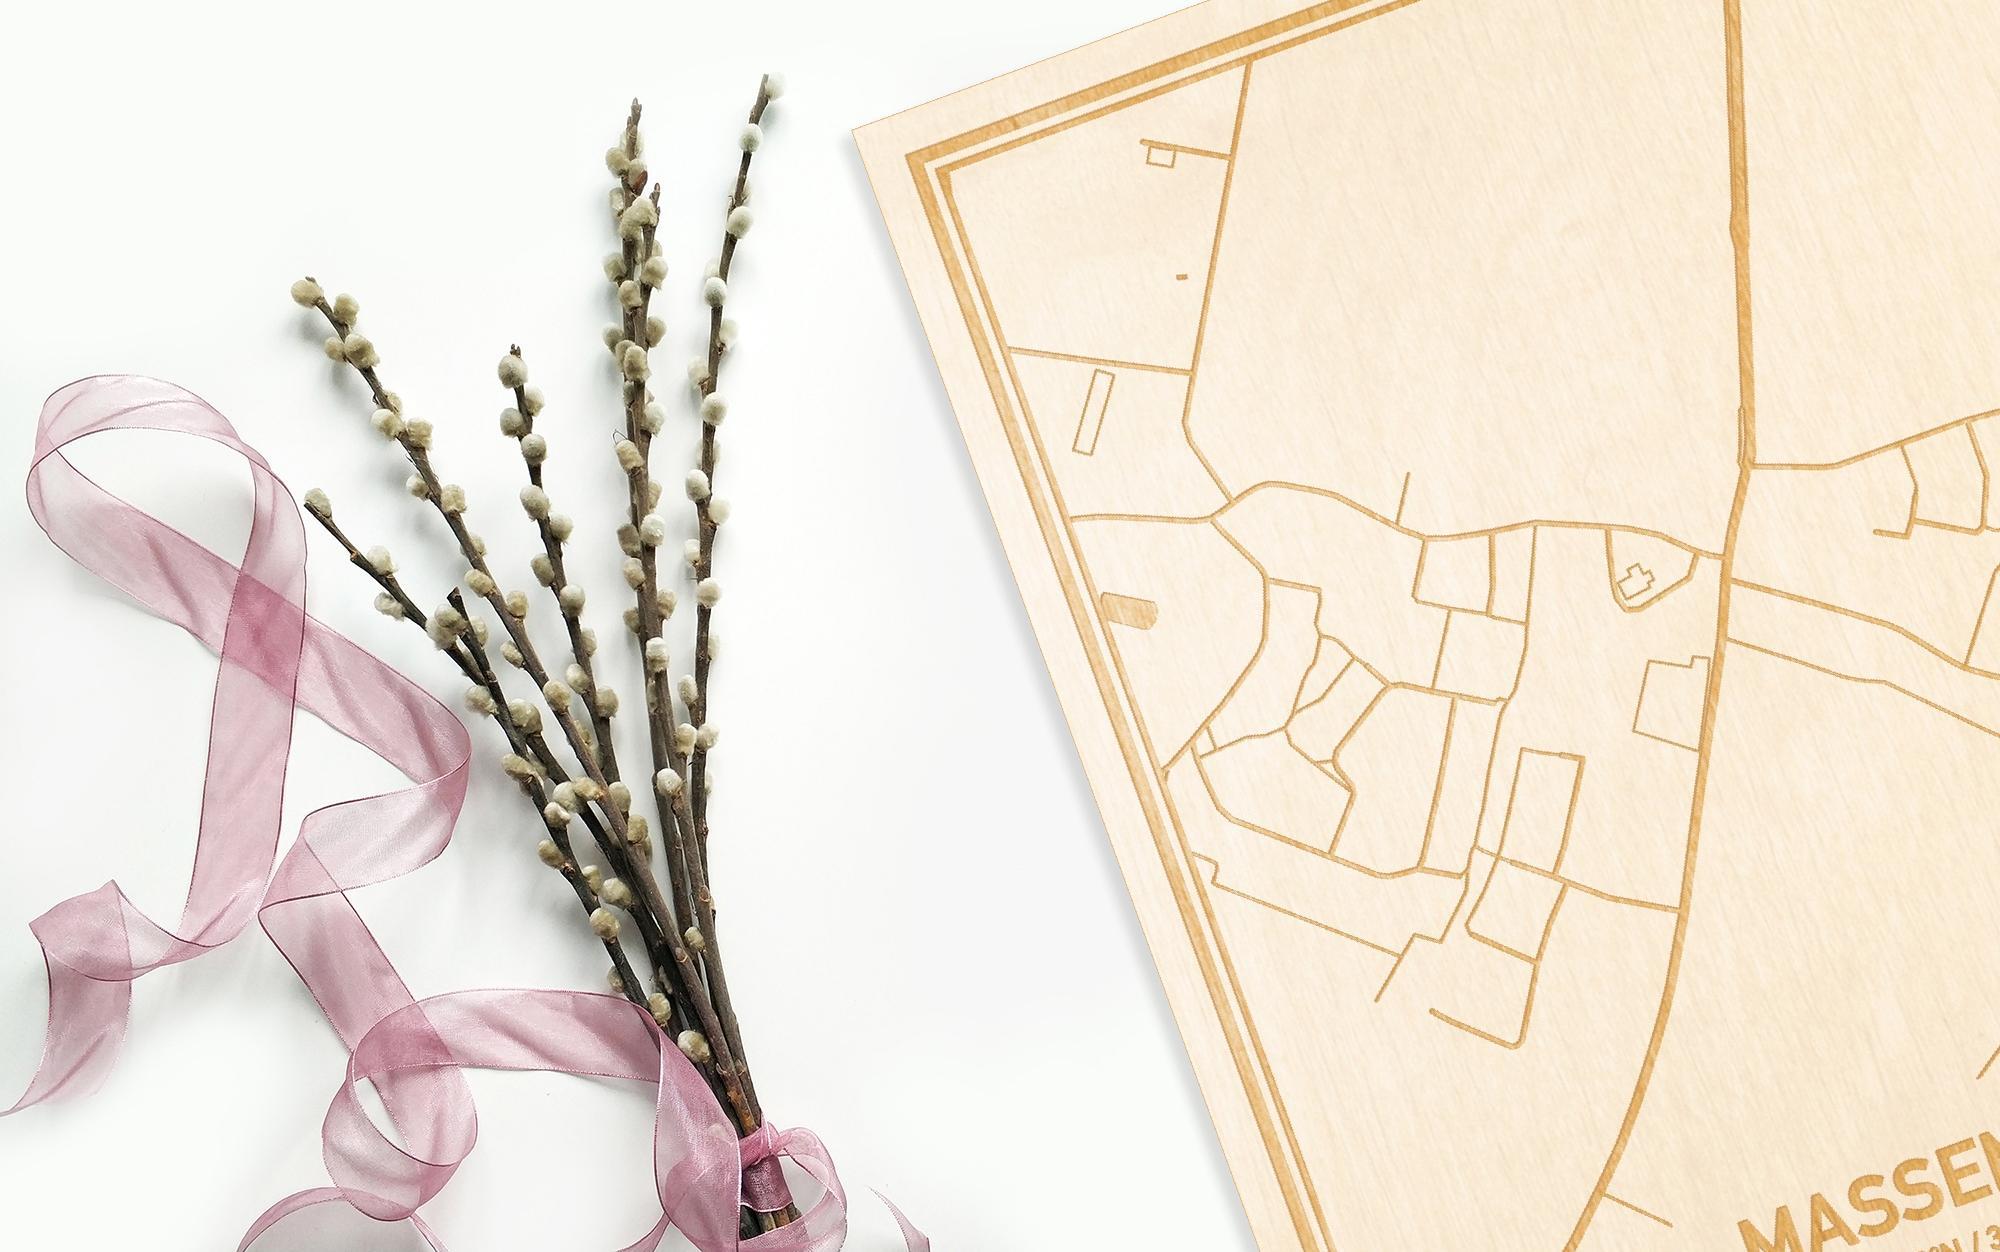 Hier ligt de houten plattegrond Massemen naast een bloemetje als gepersonaliseerd cadeau voor haar.